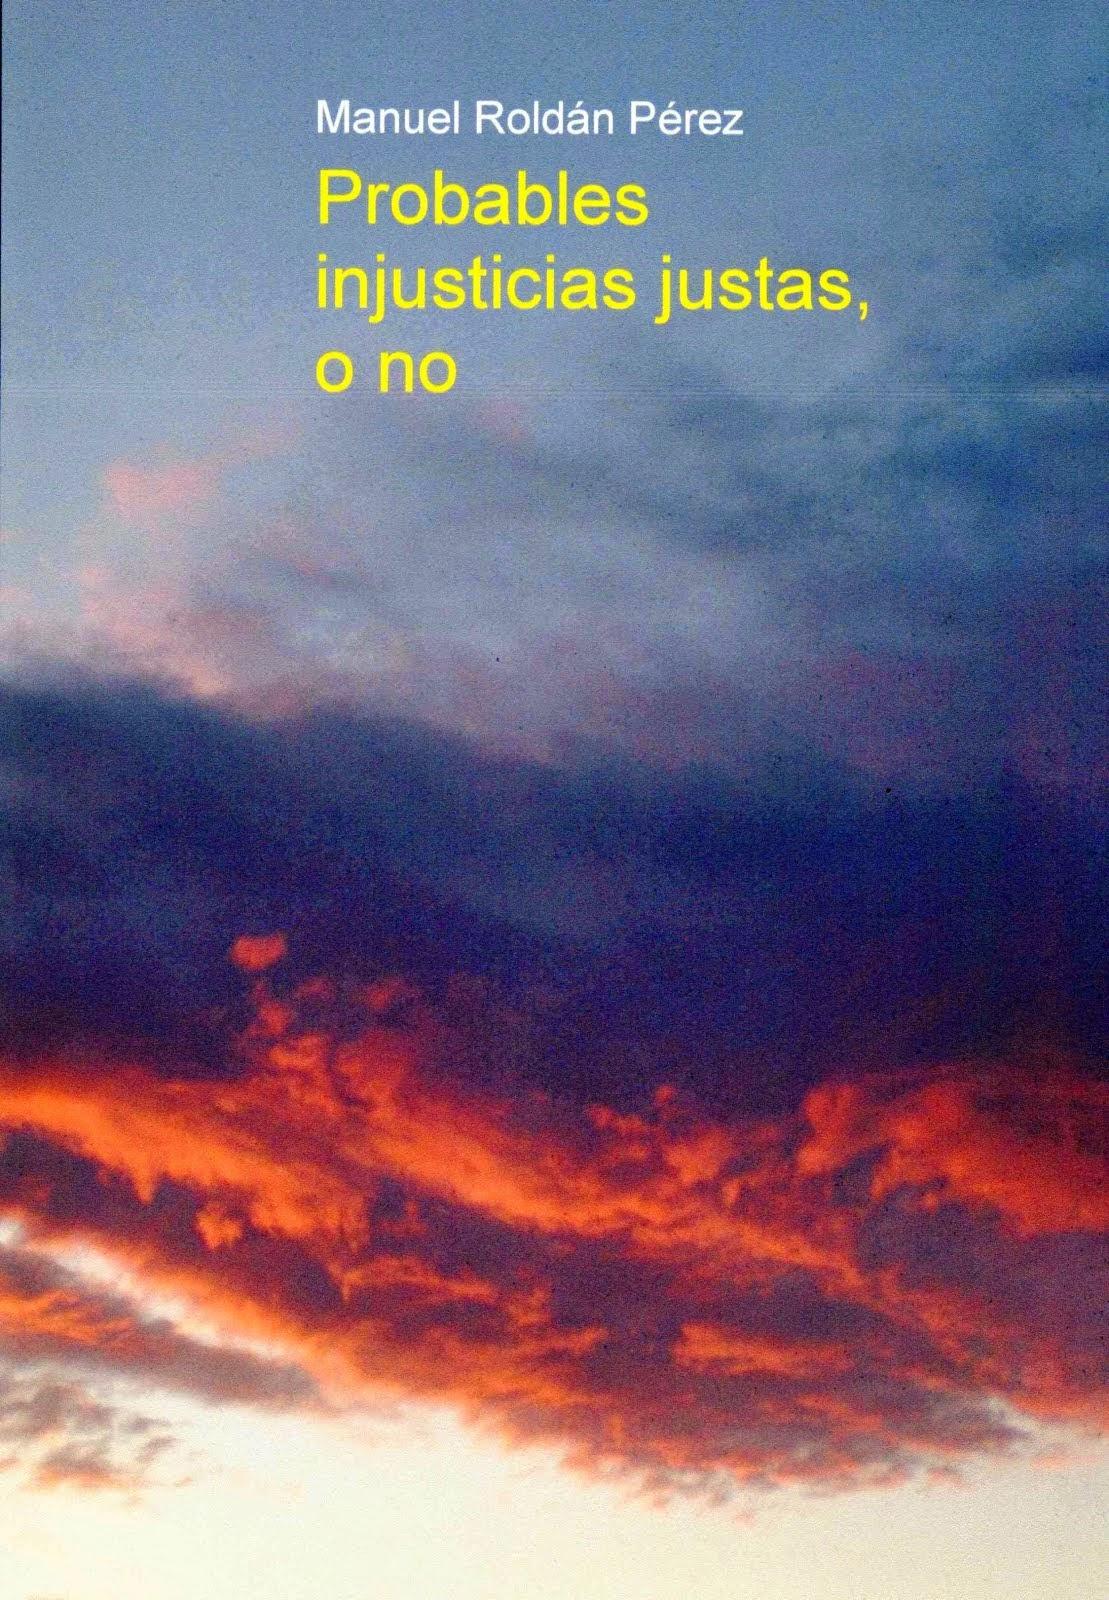 Probables injusticias justas, o no